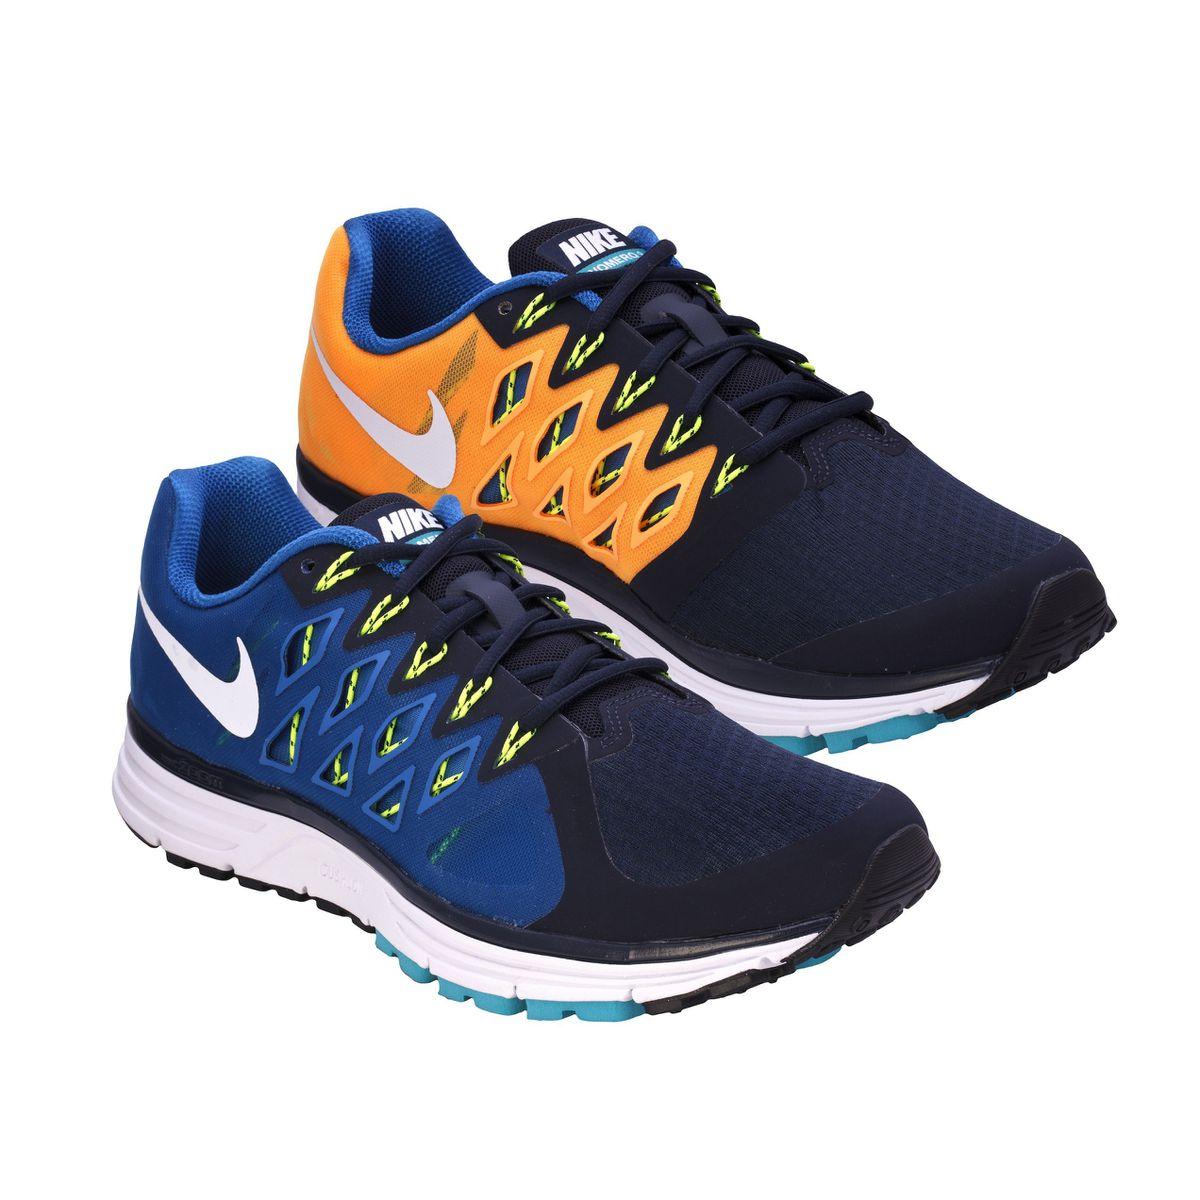 Mens Nike Zoom Vomero+ 9 Running Shoe